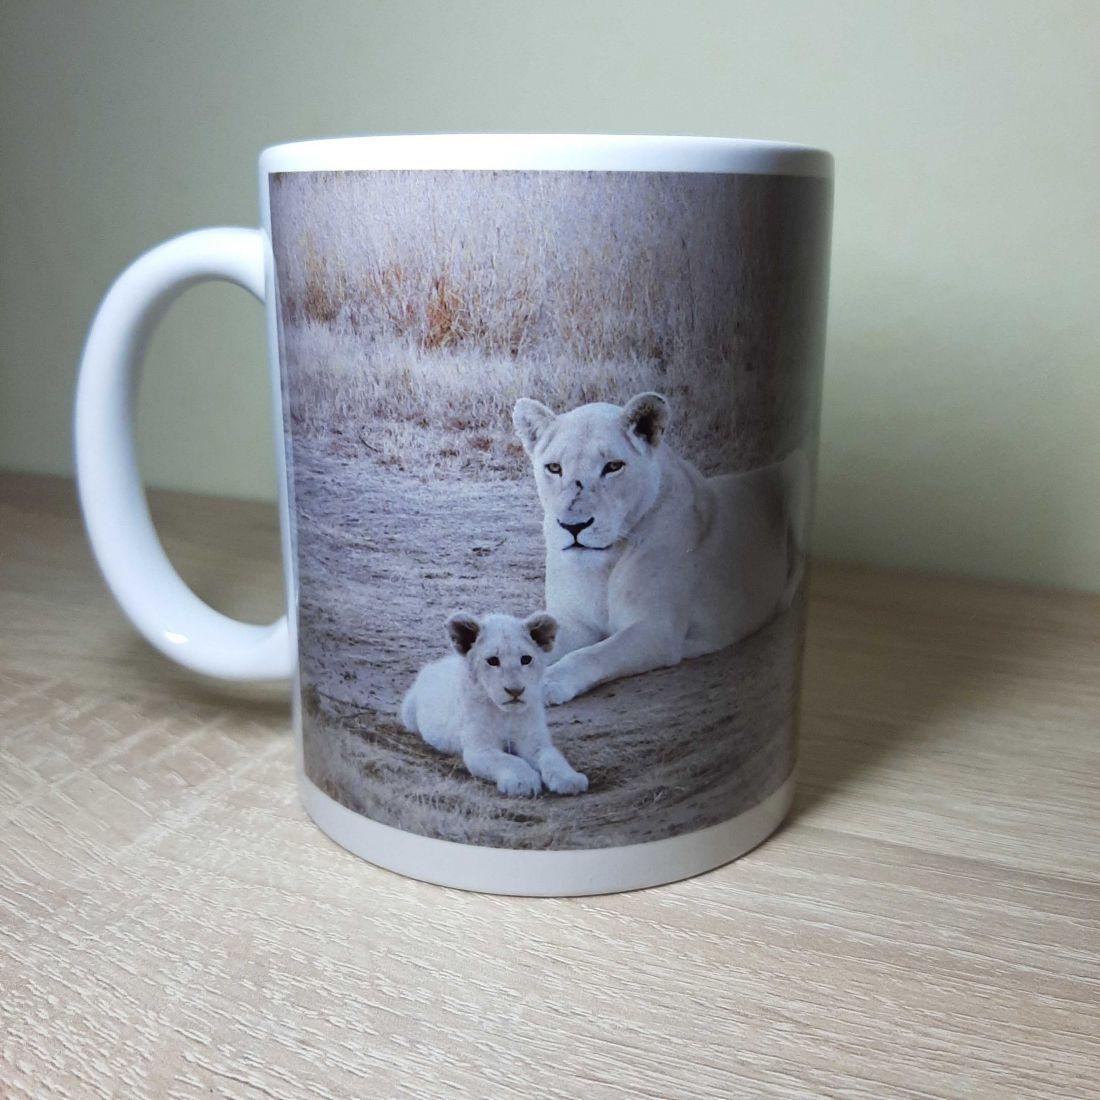 Békésen pihenő fehér oroszlános bögre